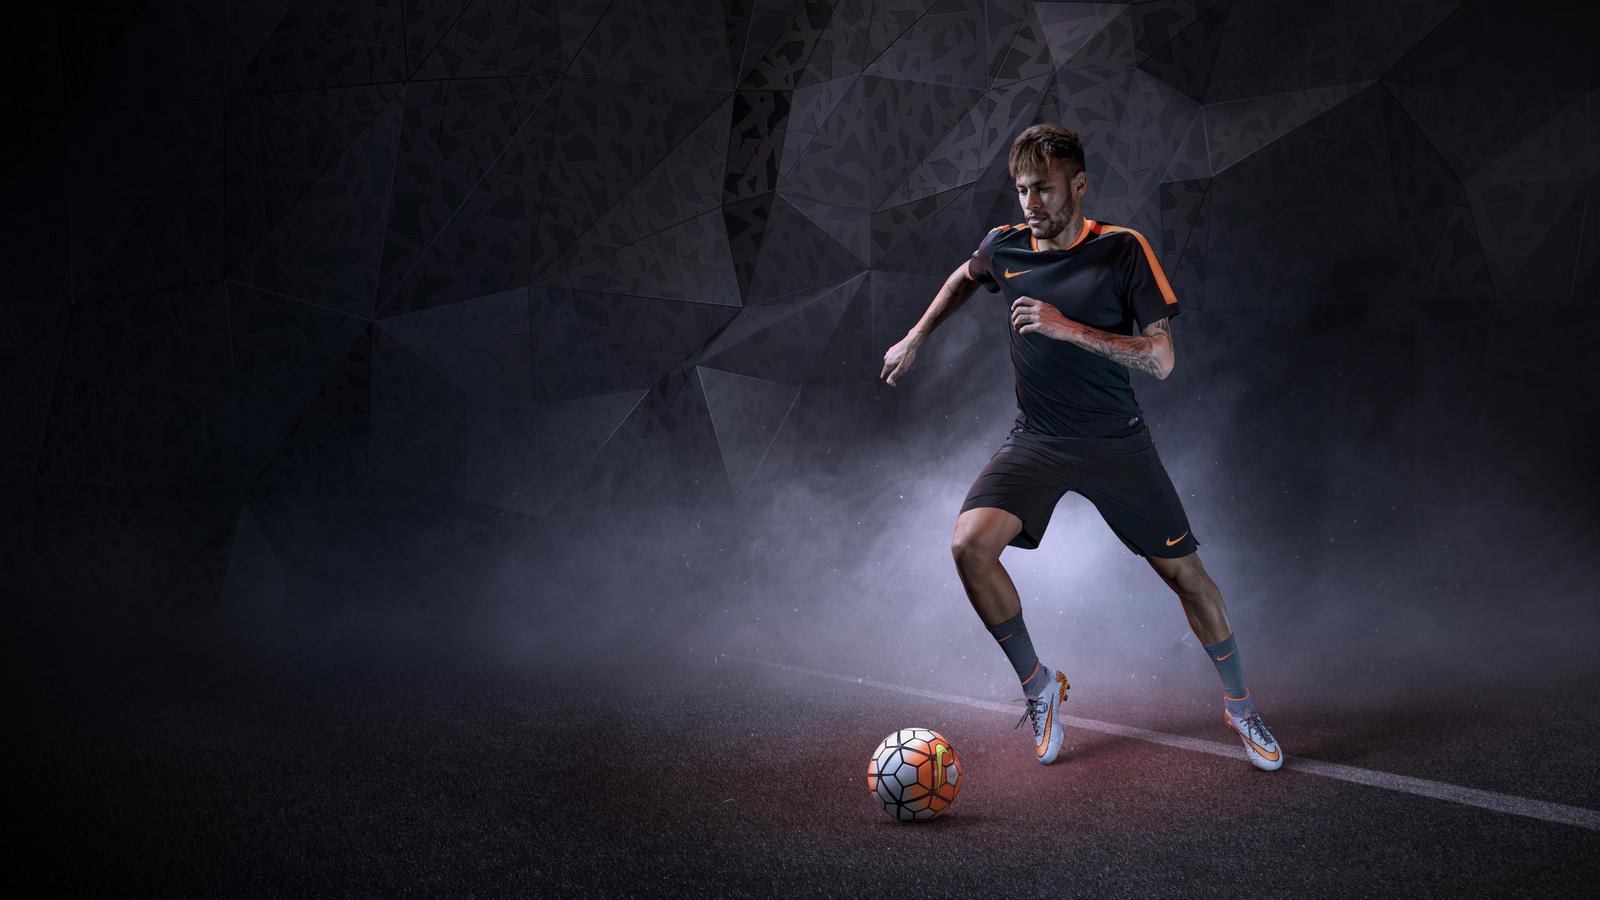 Nike Hypervenom 2 Neymar